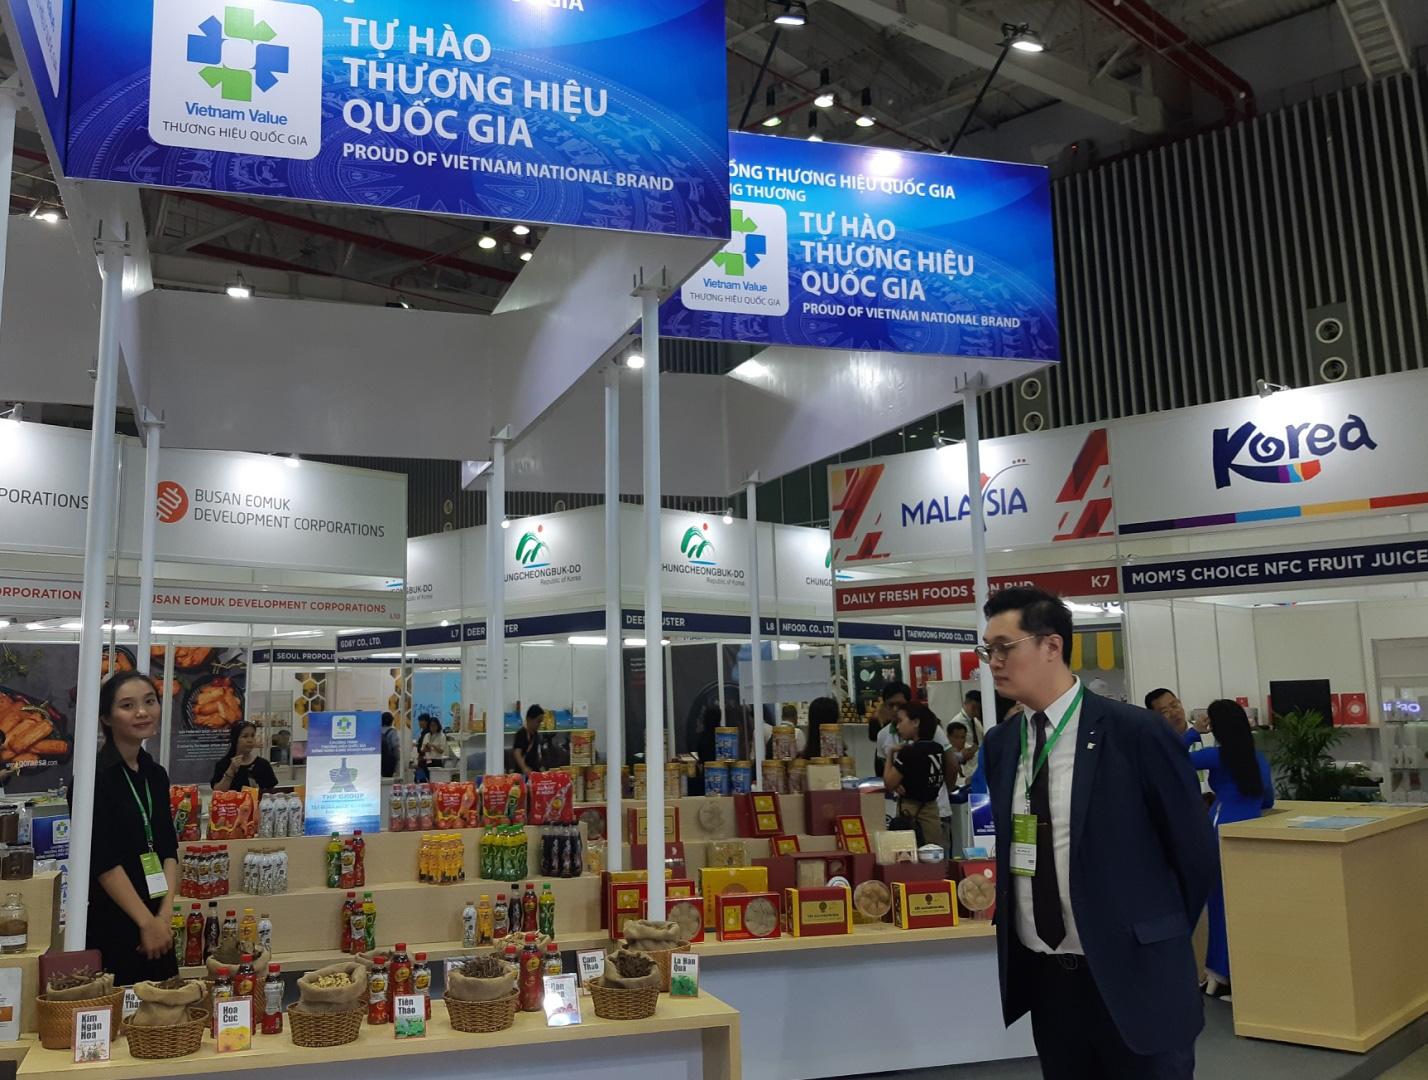 Tân Hiệp Phát tham gia gian hàng Thương hiệu quốc gia Việt Nam tại triển lãm Vietnam Foodexpo 2019 - Ảnh 3.